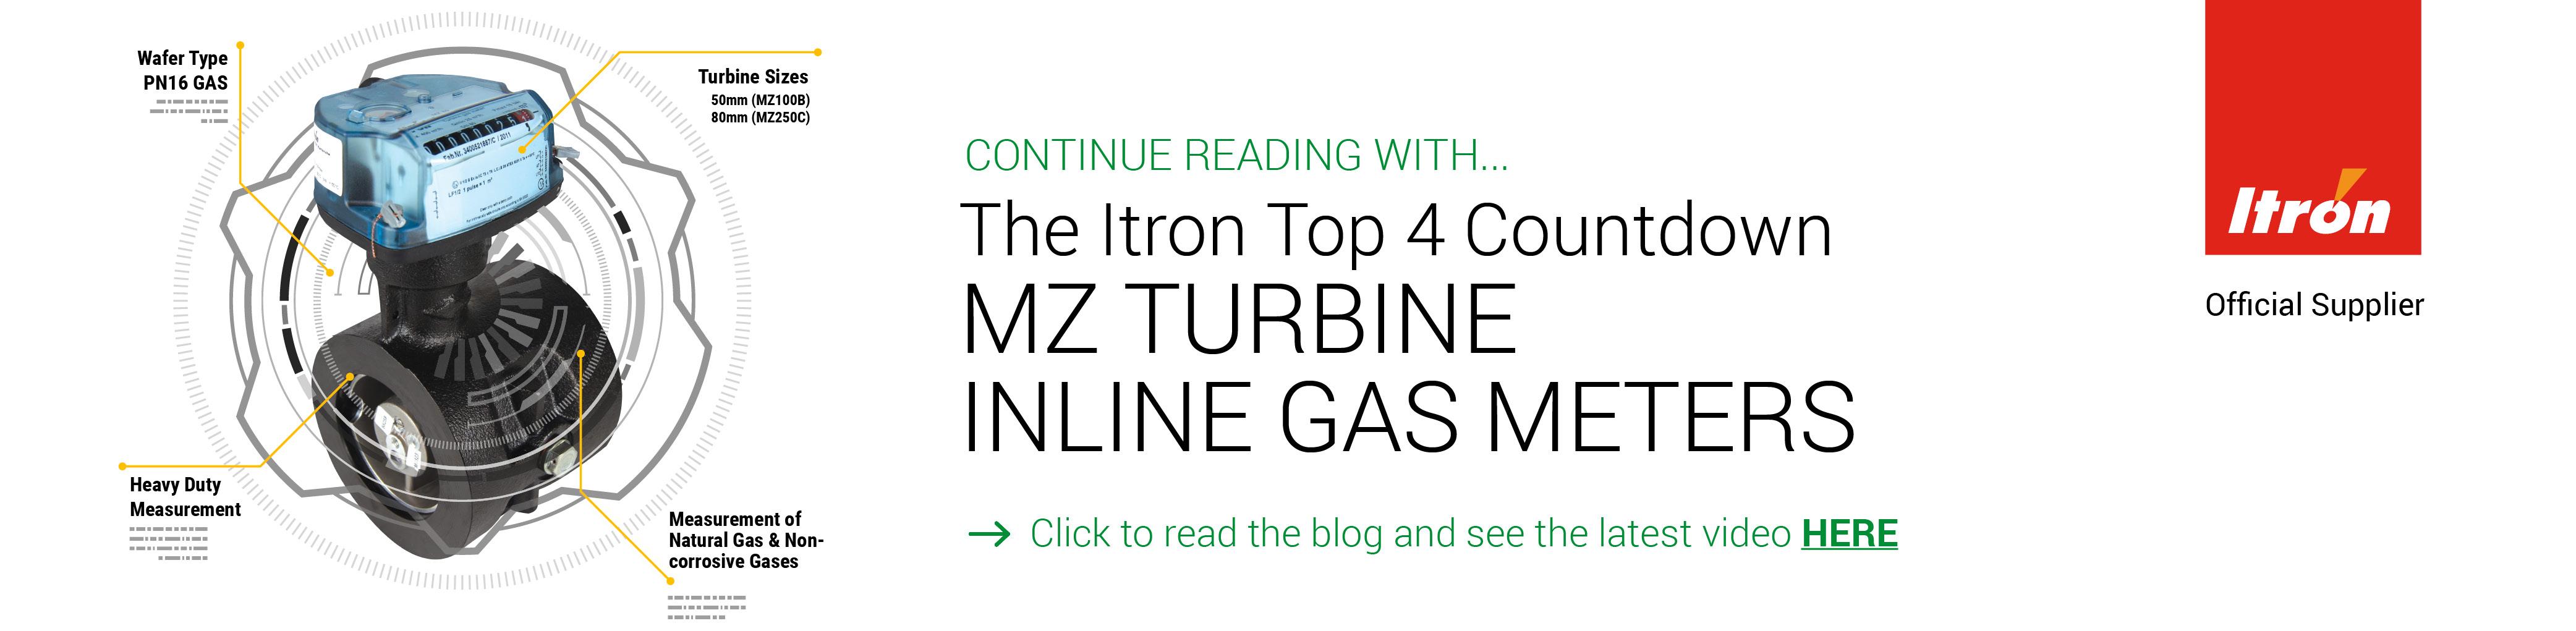 MZ Turbine Inline Gas Meters